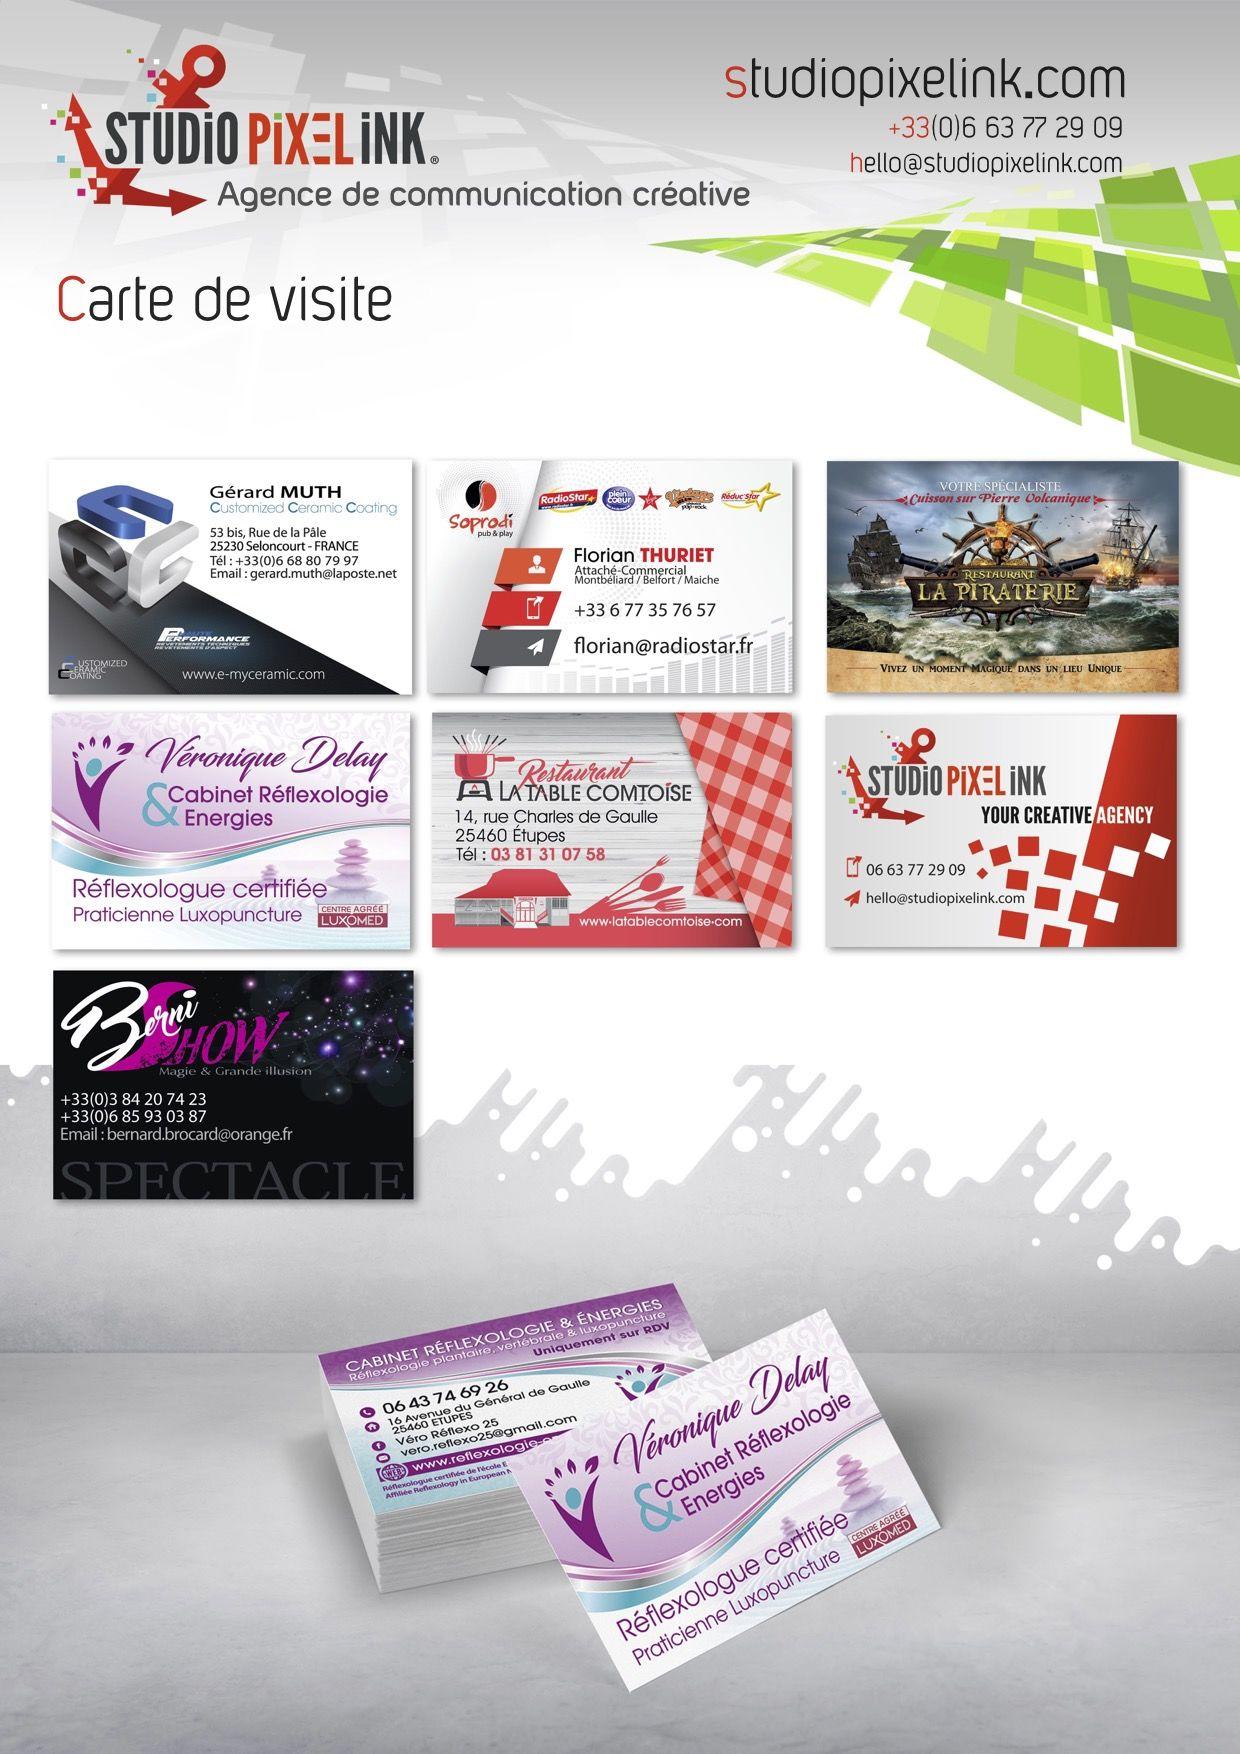 CARTES DE VISITE CREATIONS STUDIO PIXEL INK